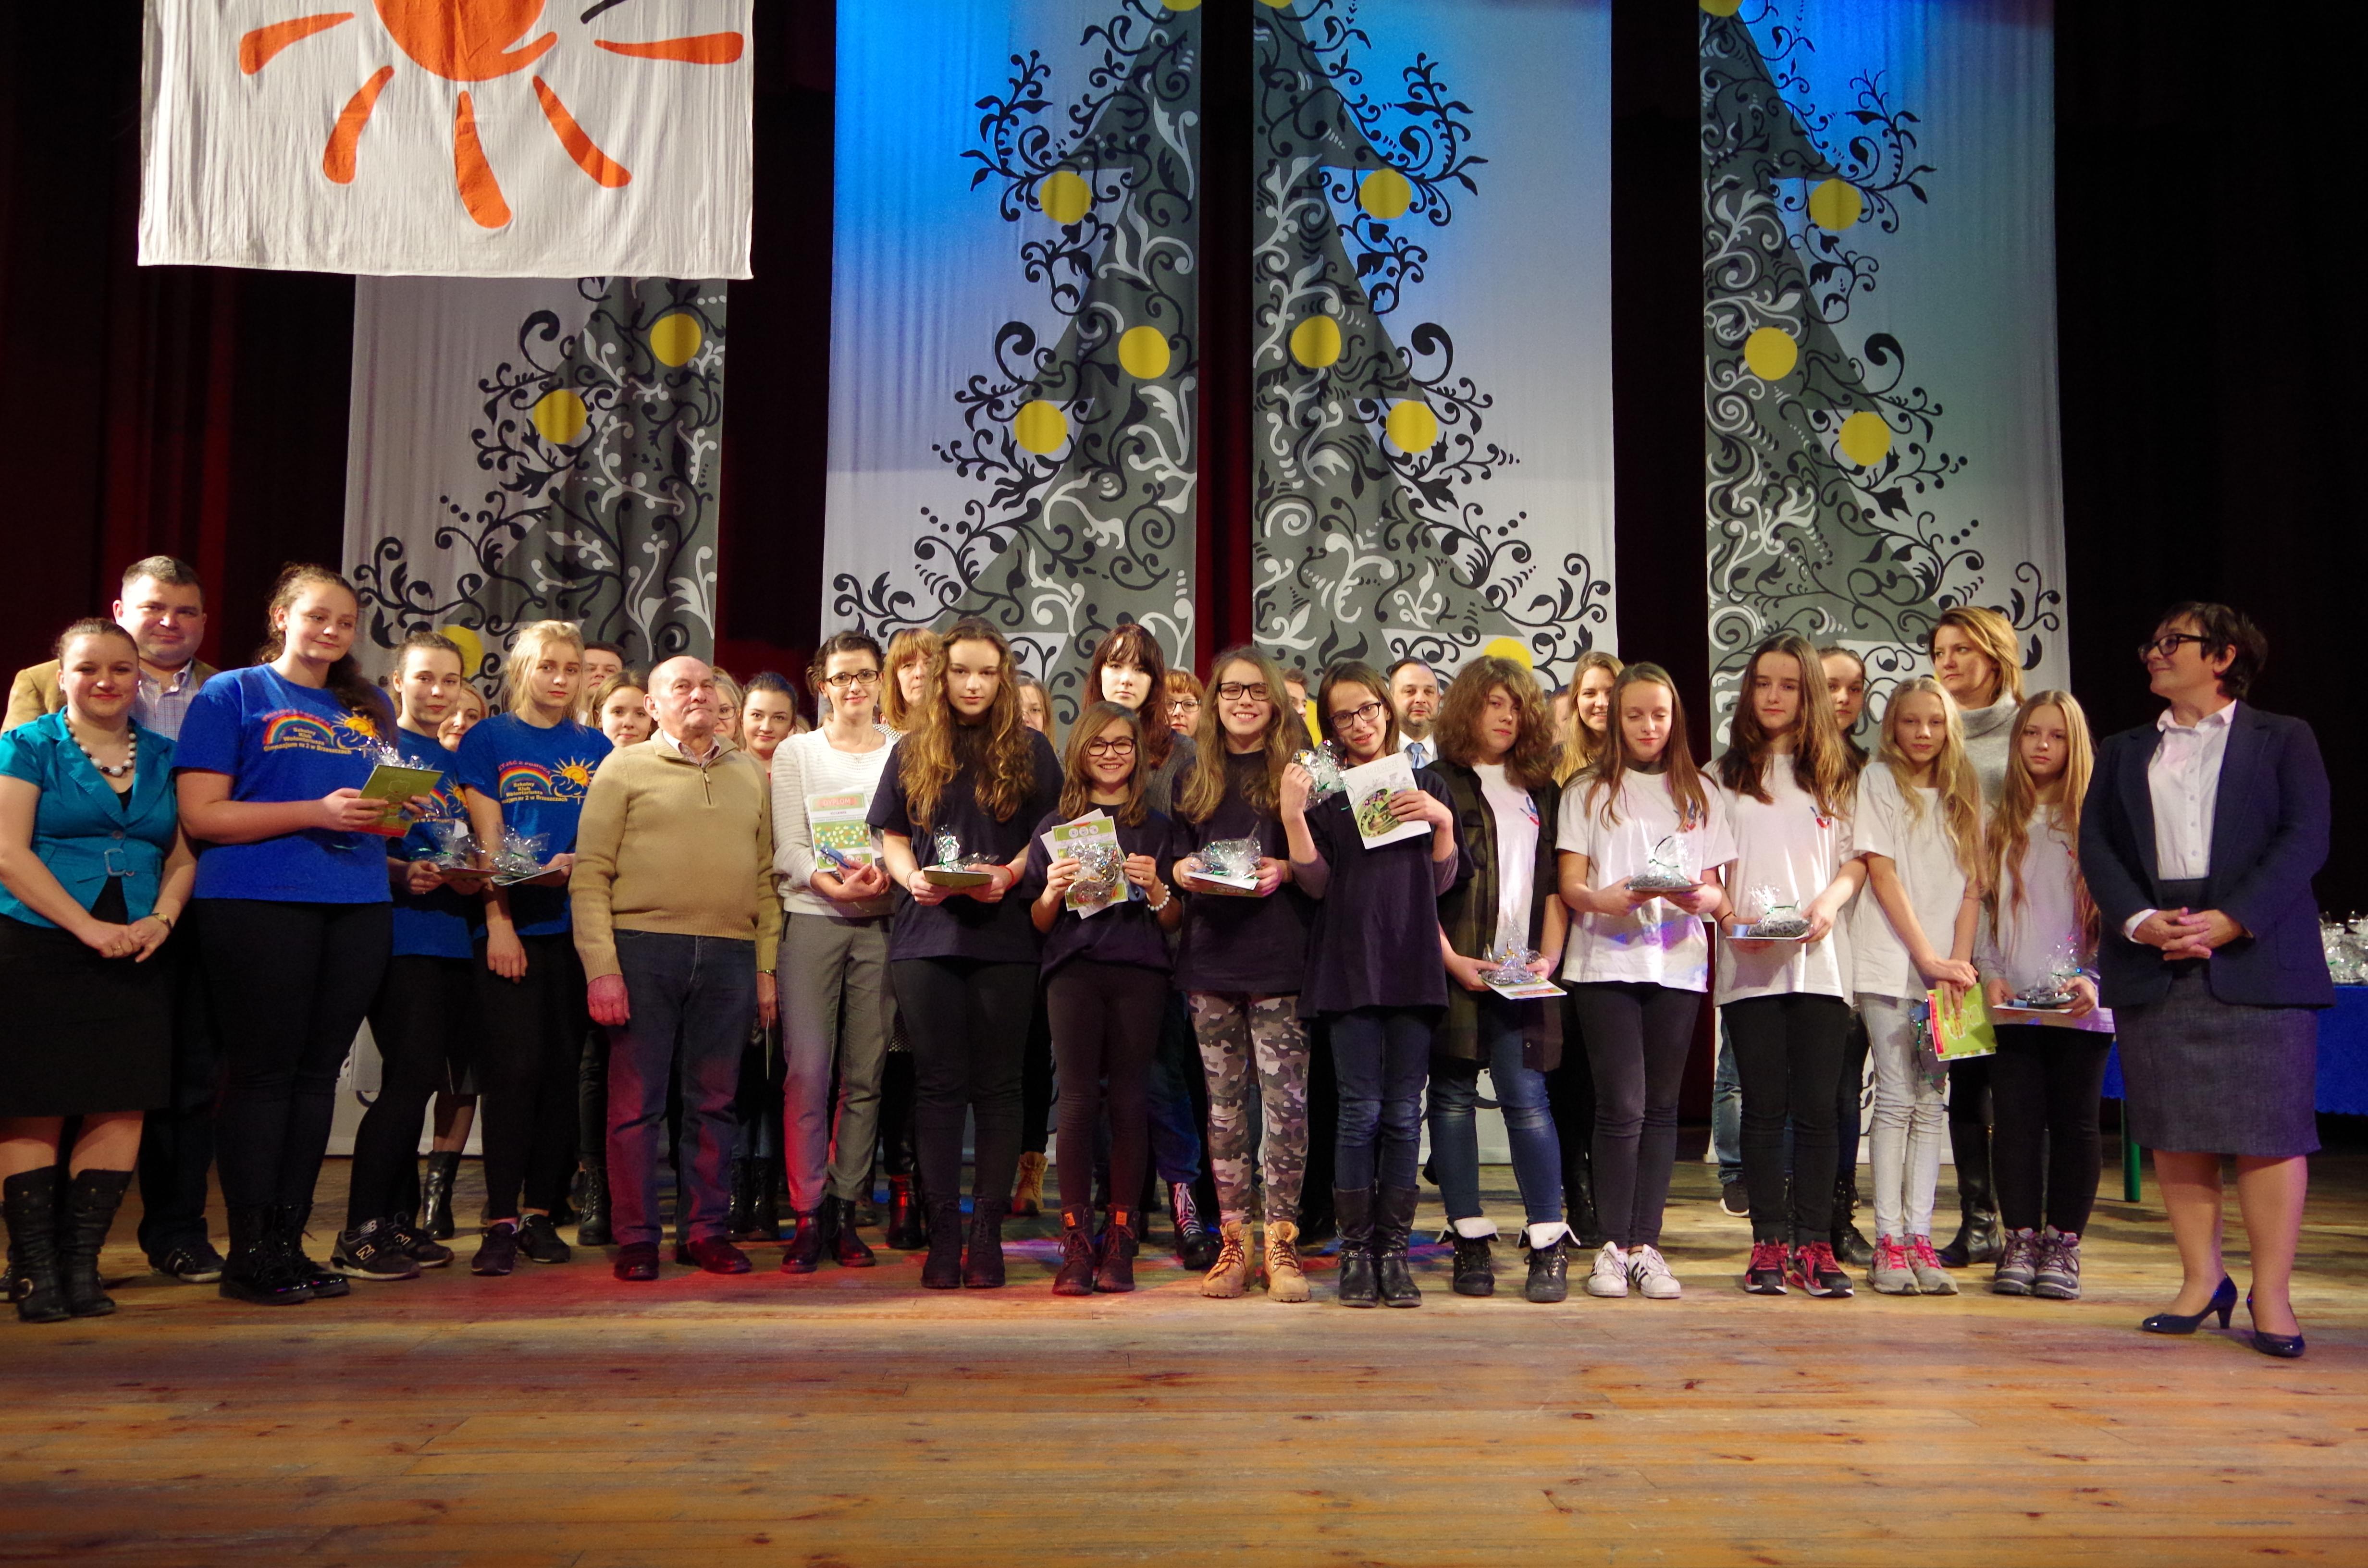 Grupa wolontariuszy i zaproszonych gości stojąca na scenie Ośrodka Kultury w Brzeszczach. Wolontariusze trzymają w rekach podziękowania - dyplomy i białe serca plecione z papierowej wikliny